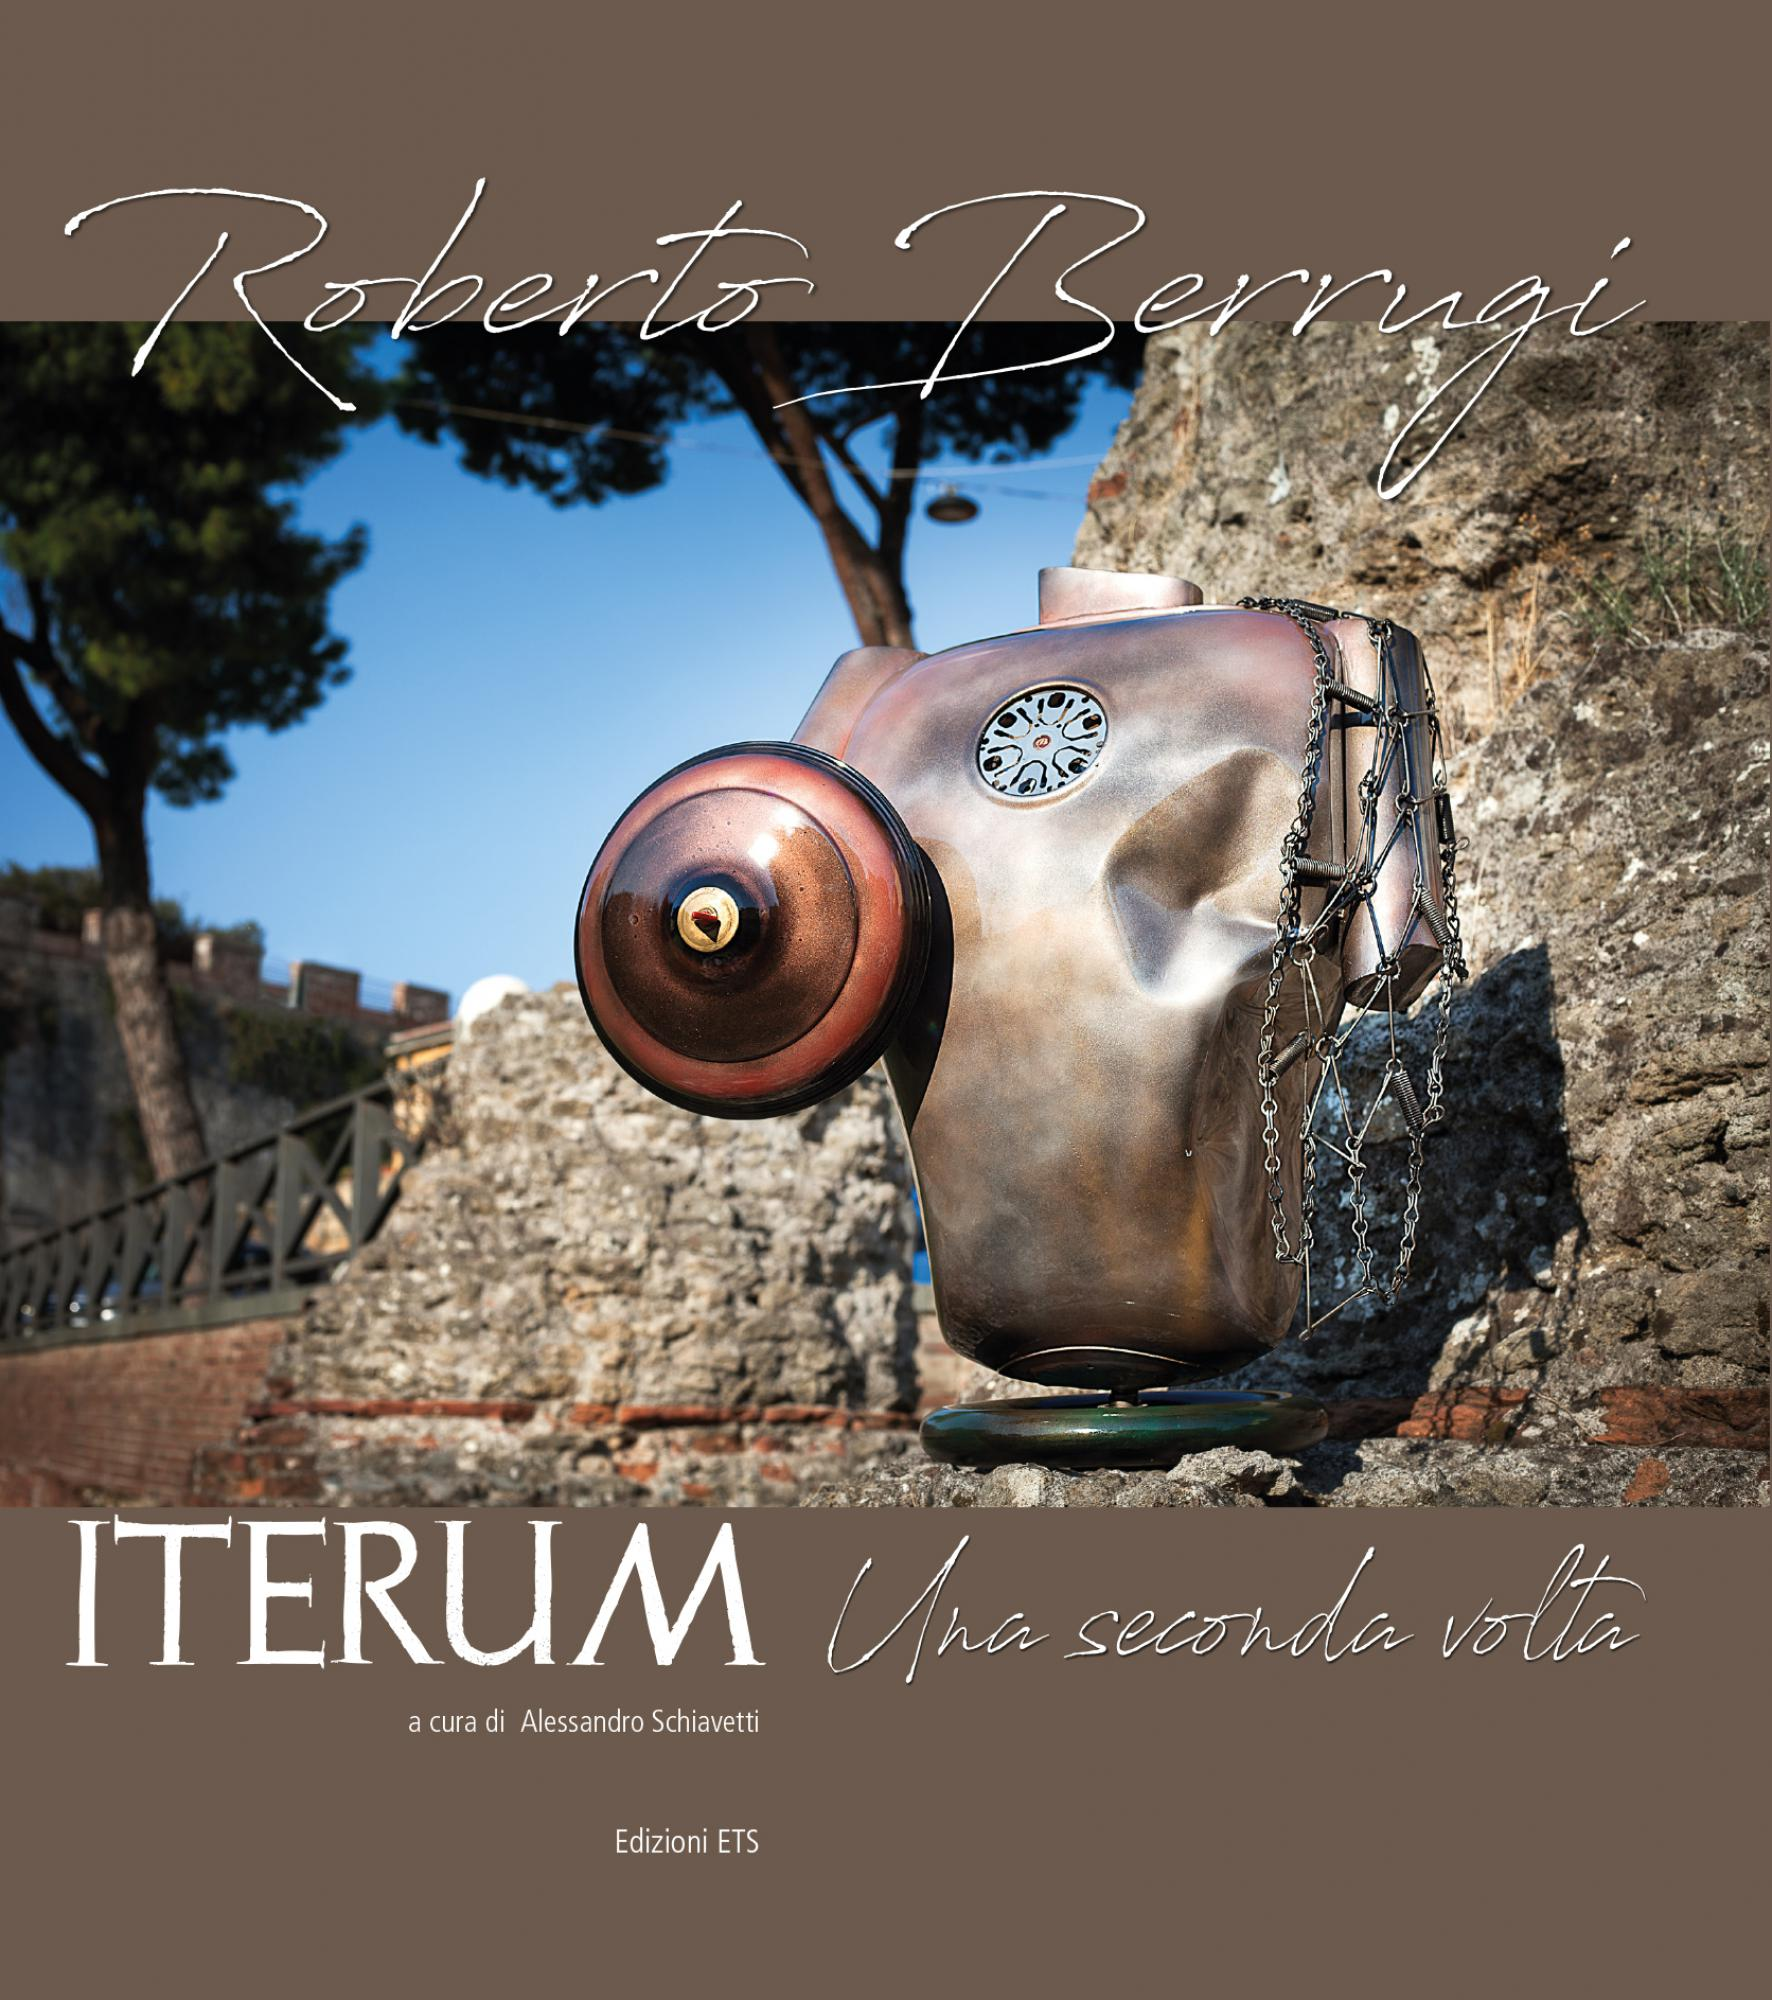 Roberto Berrugi. ITERUM. Una seconda volta